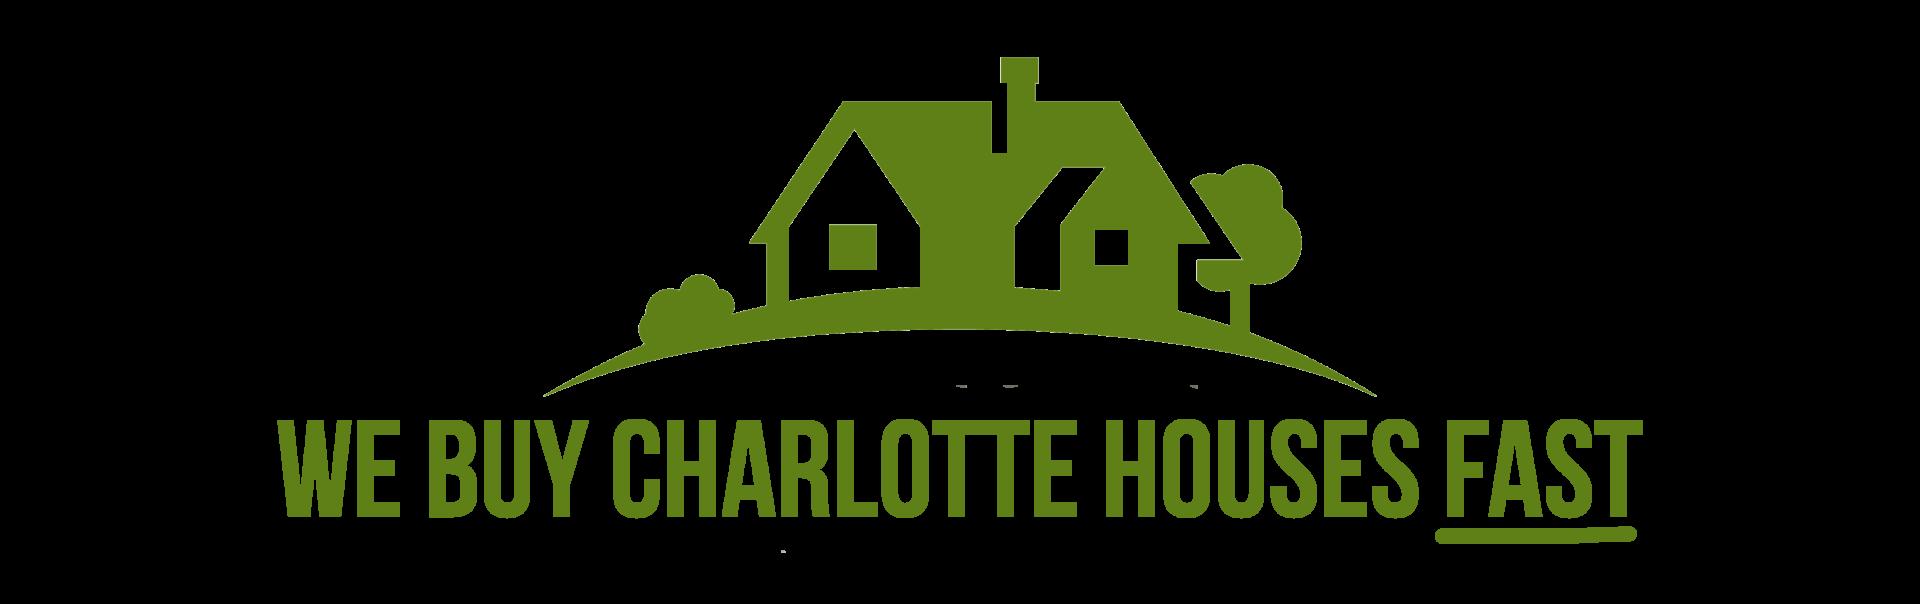 We Buy Charlotte Houses Fast  logo